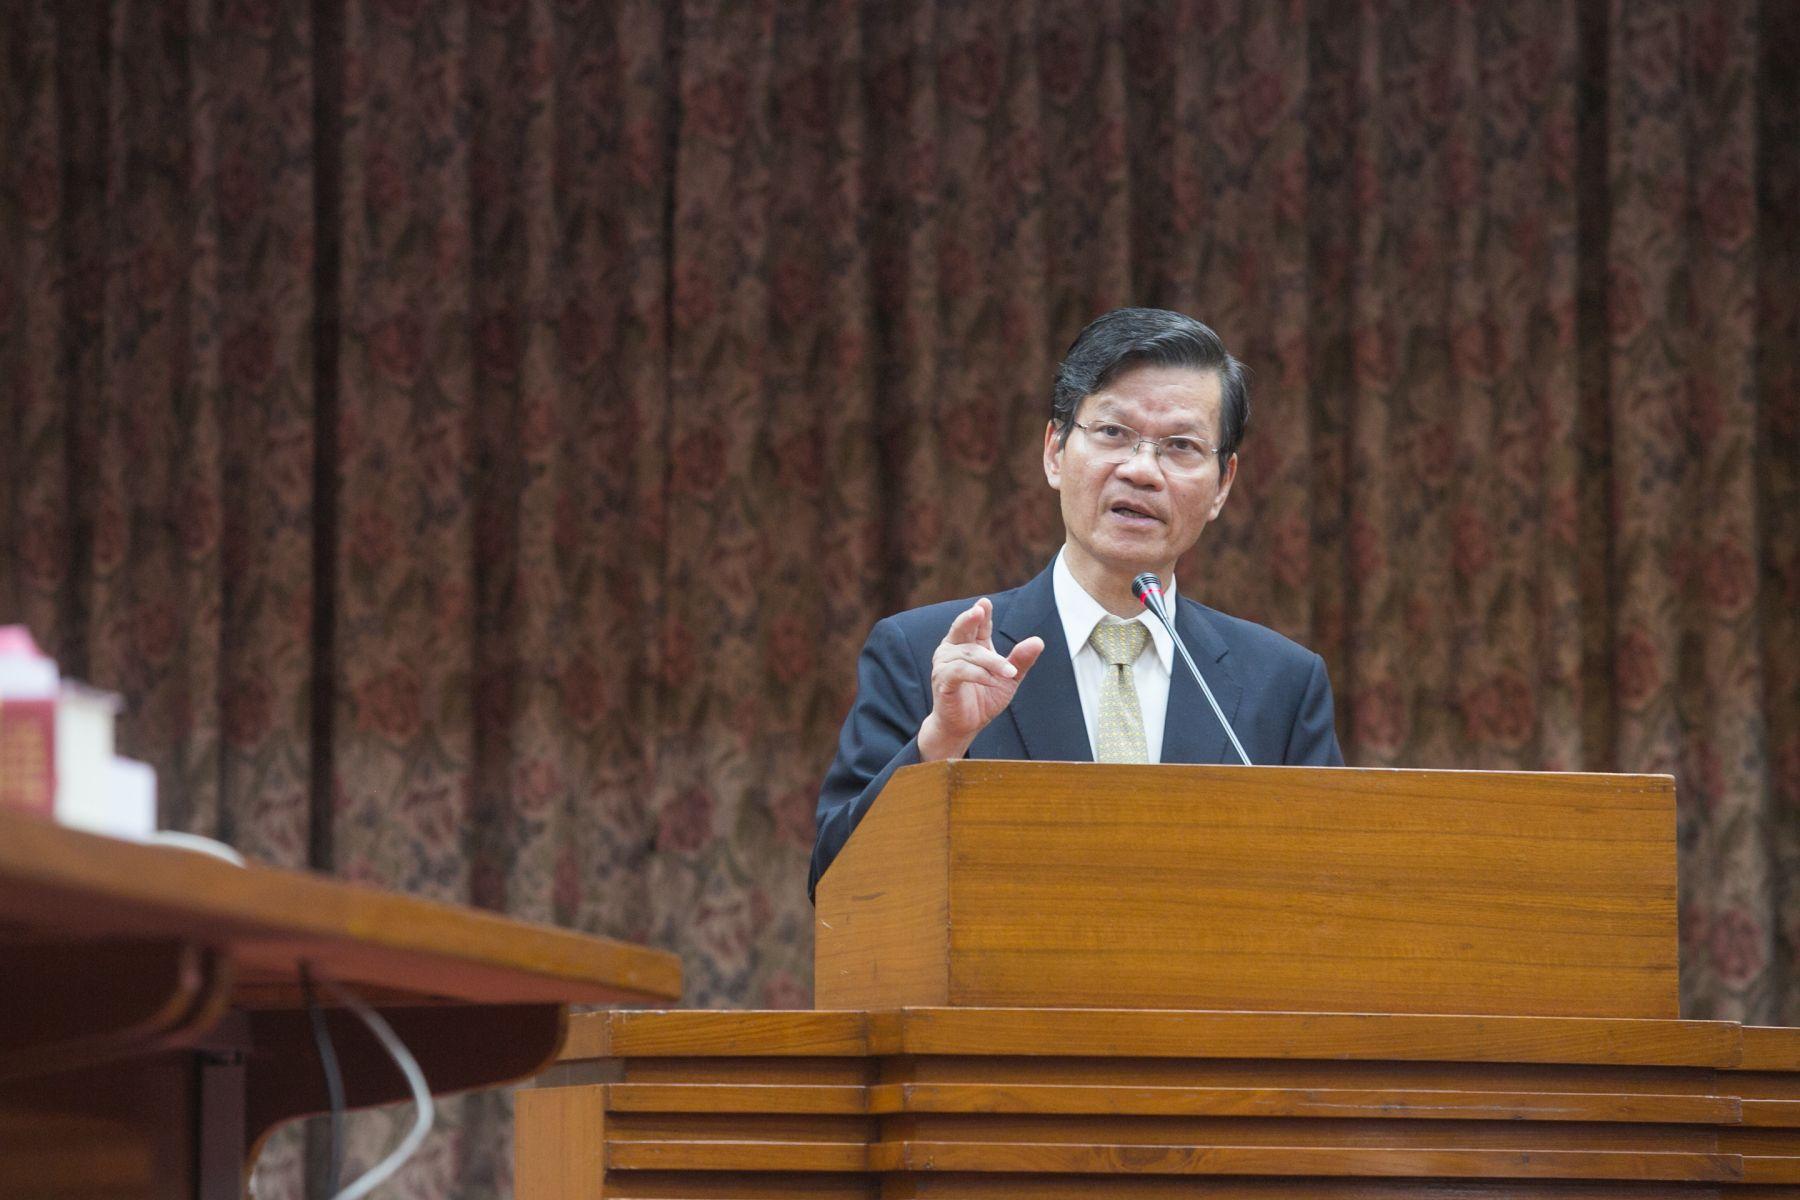 翁啟惠重申清白 「謀殺一位中研院長,台灣獲得了什麼?」